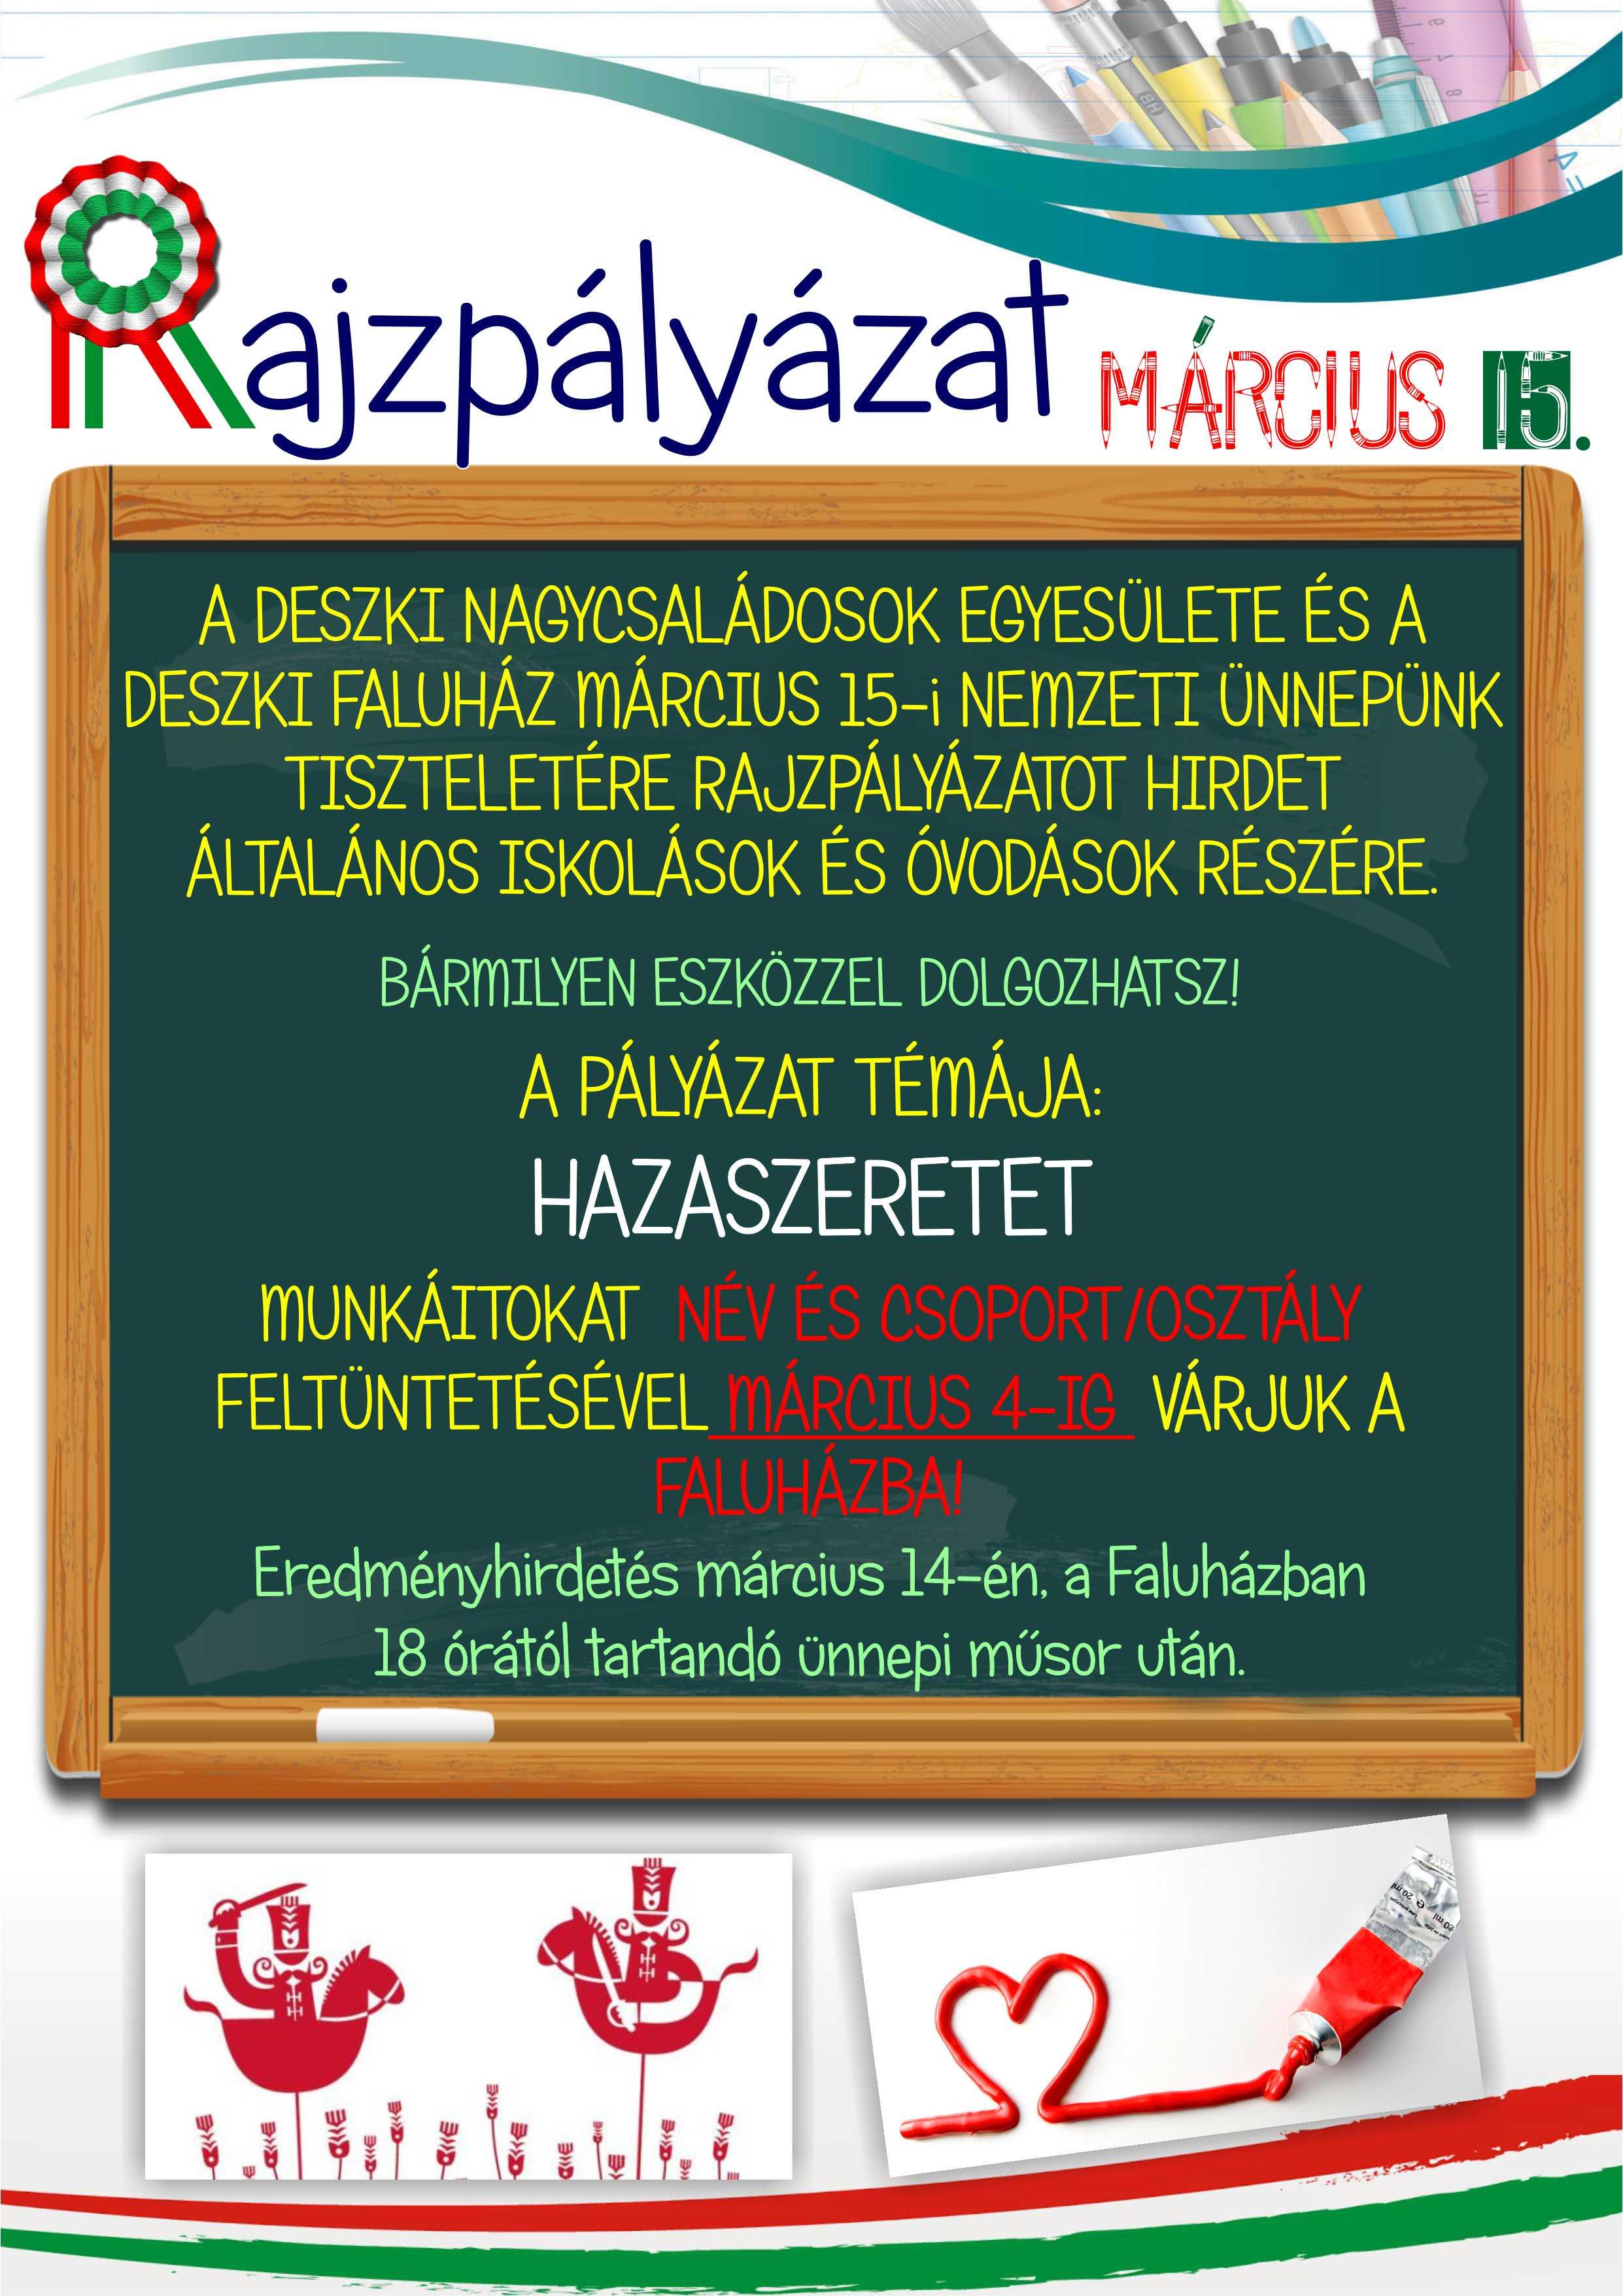 Március 15. rajzpályázat_plakát